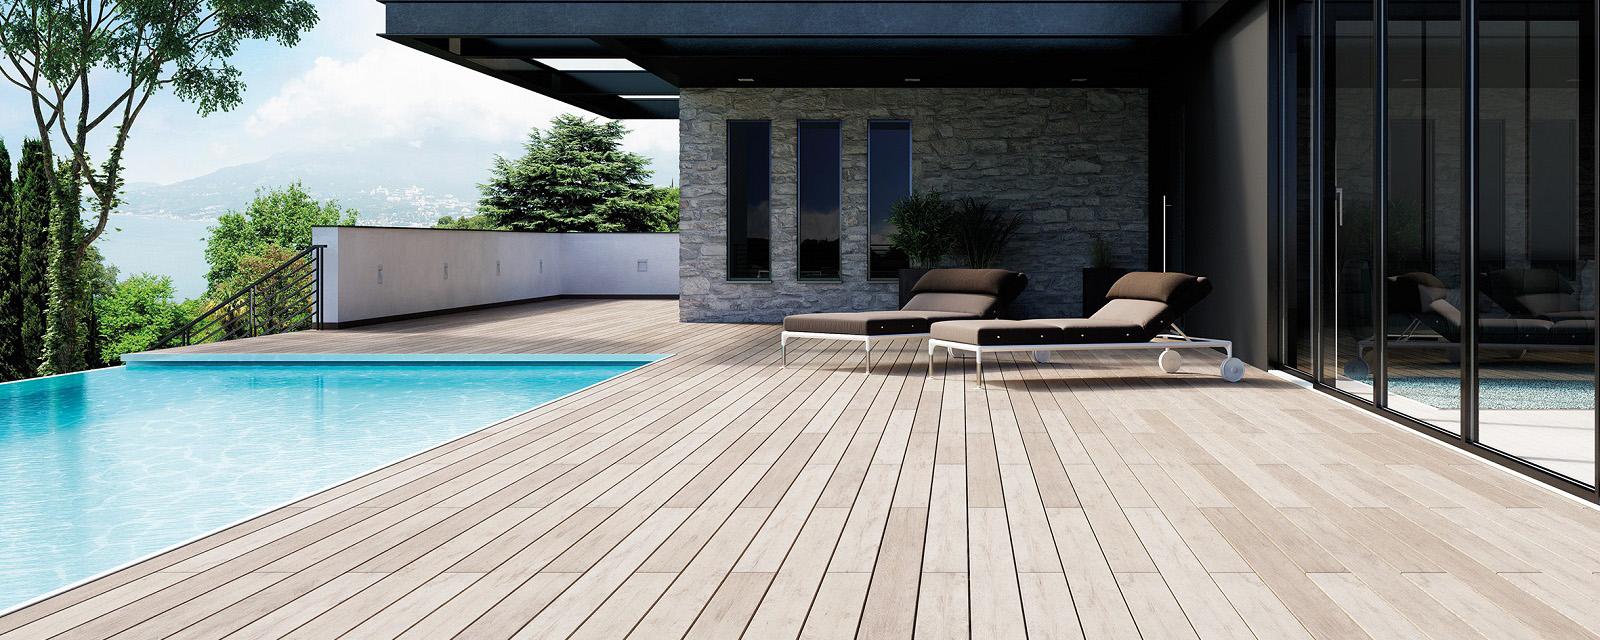 Pavimenti Per Terrazzi Esterni candiano venceramica - piastrelle per esterni, che materiale